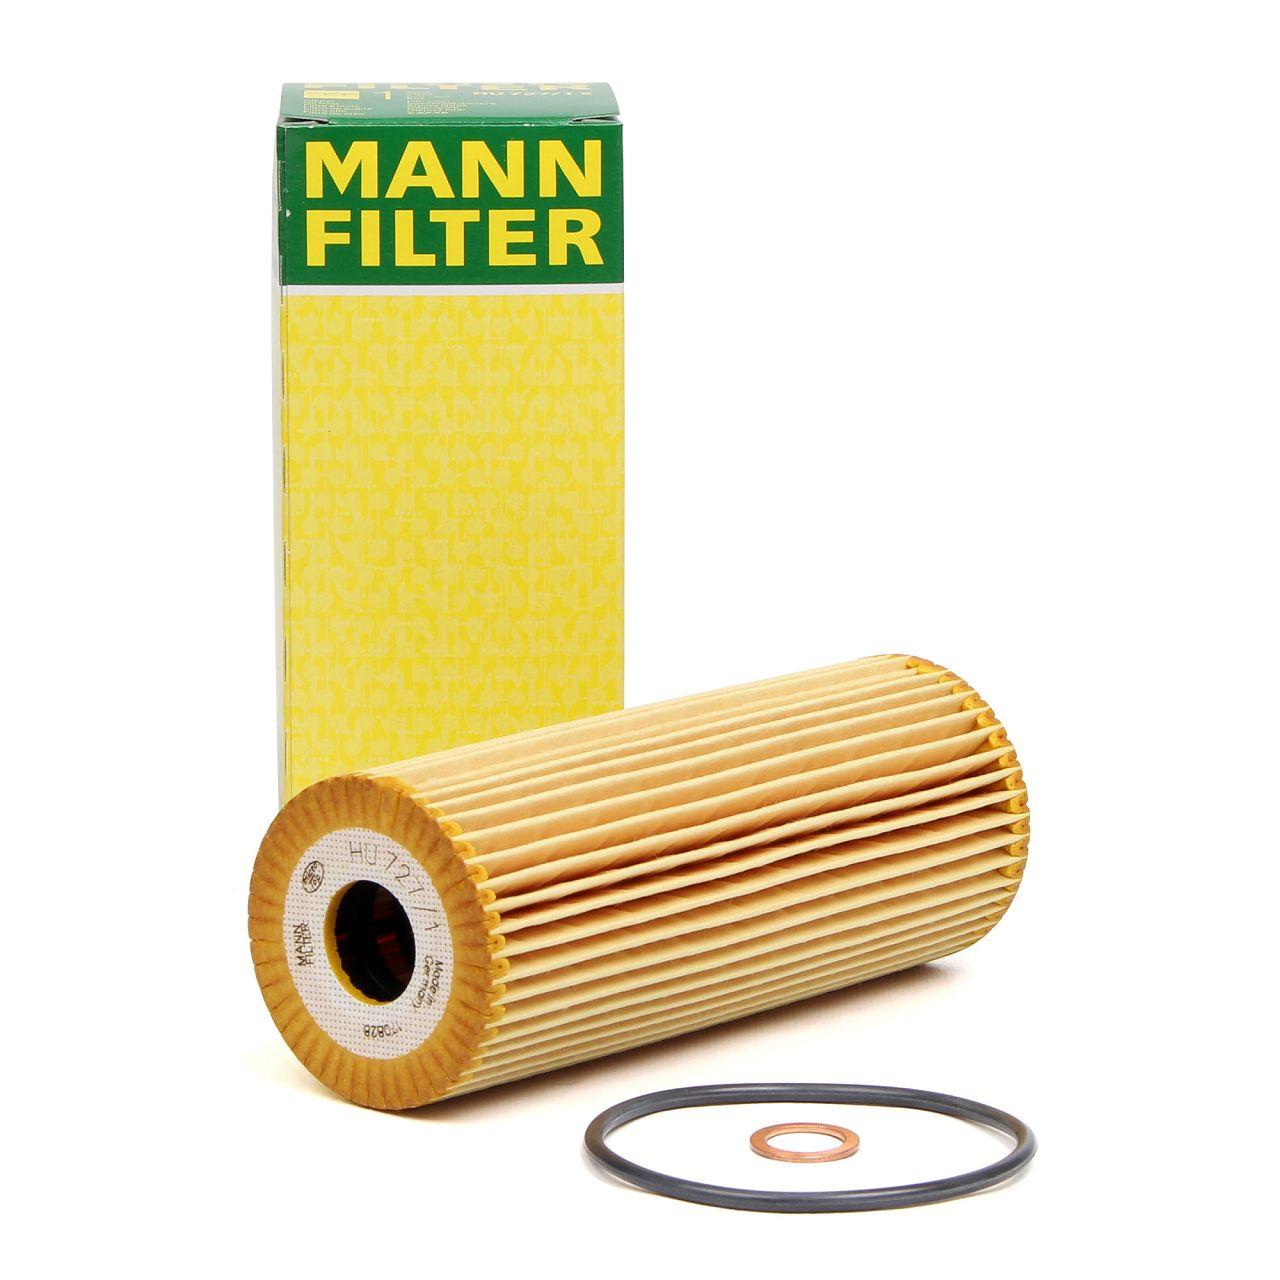 MANN Ölfilter HU727/1x für MERCEDES W202 W203 C208 W124 W210 W463 W163 W140